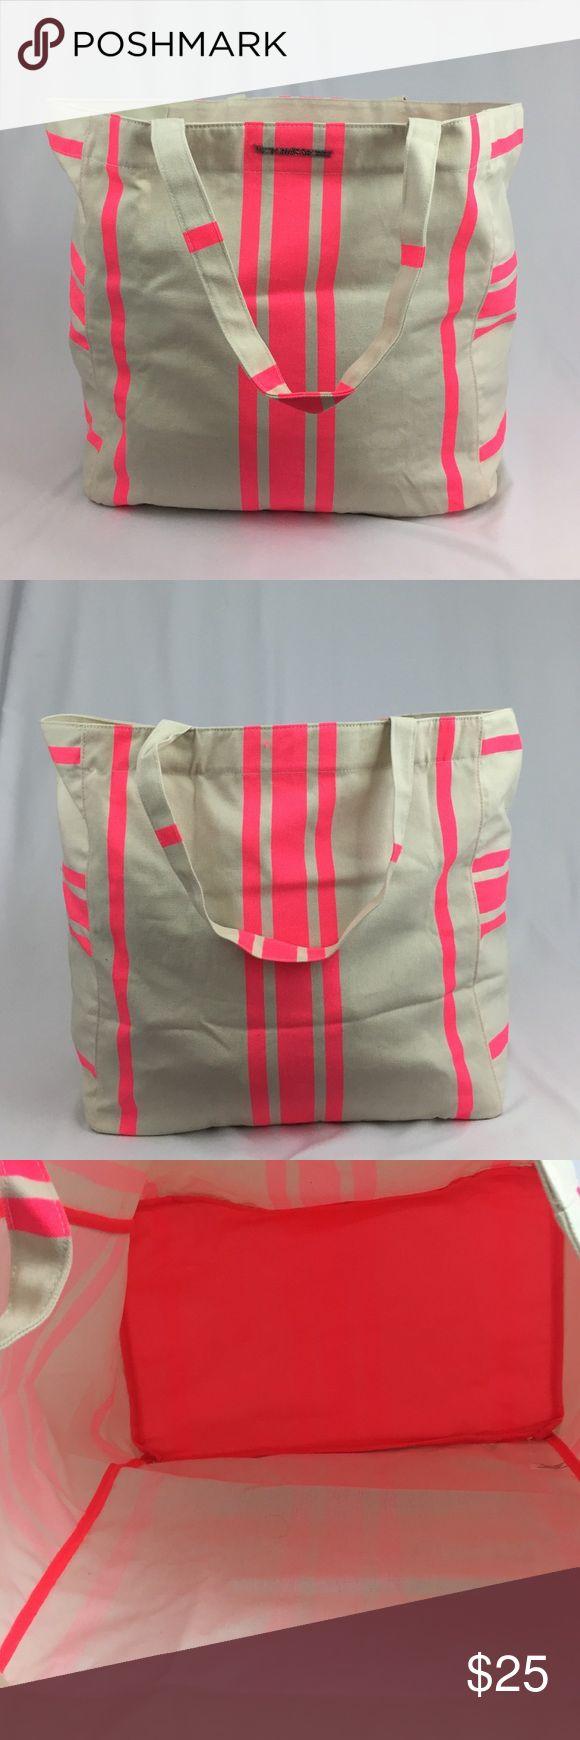 Victoria's secret striped tote bag Victoria's secret striped tote bag Victoria's Secret Bags Totes